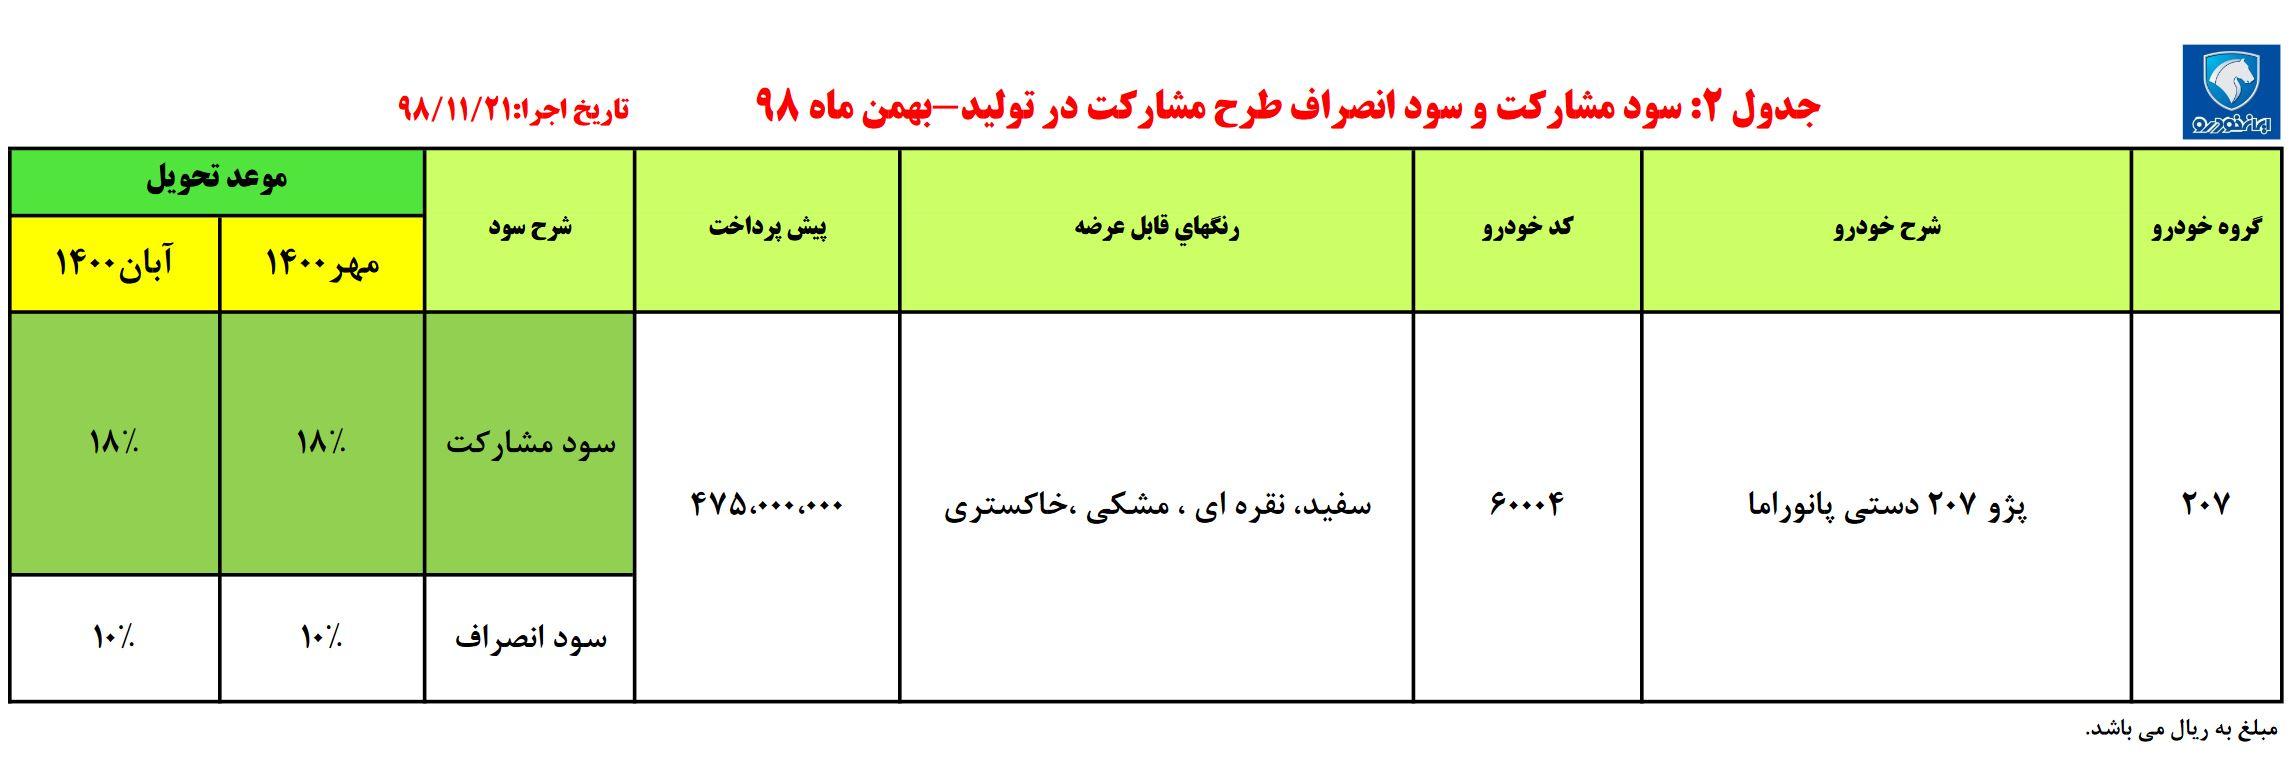 آگهی پیش فروش پژو ۲۰۷i پانورامیک در ۲۱ بهمن ۹۸ در ایران خودرو + جدول و مشخصات